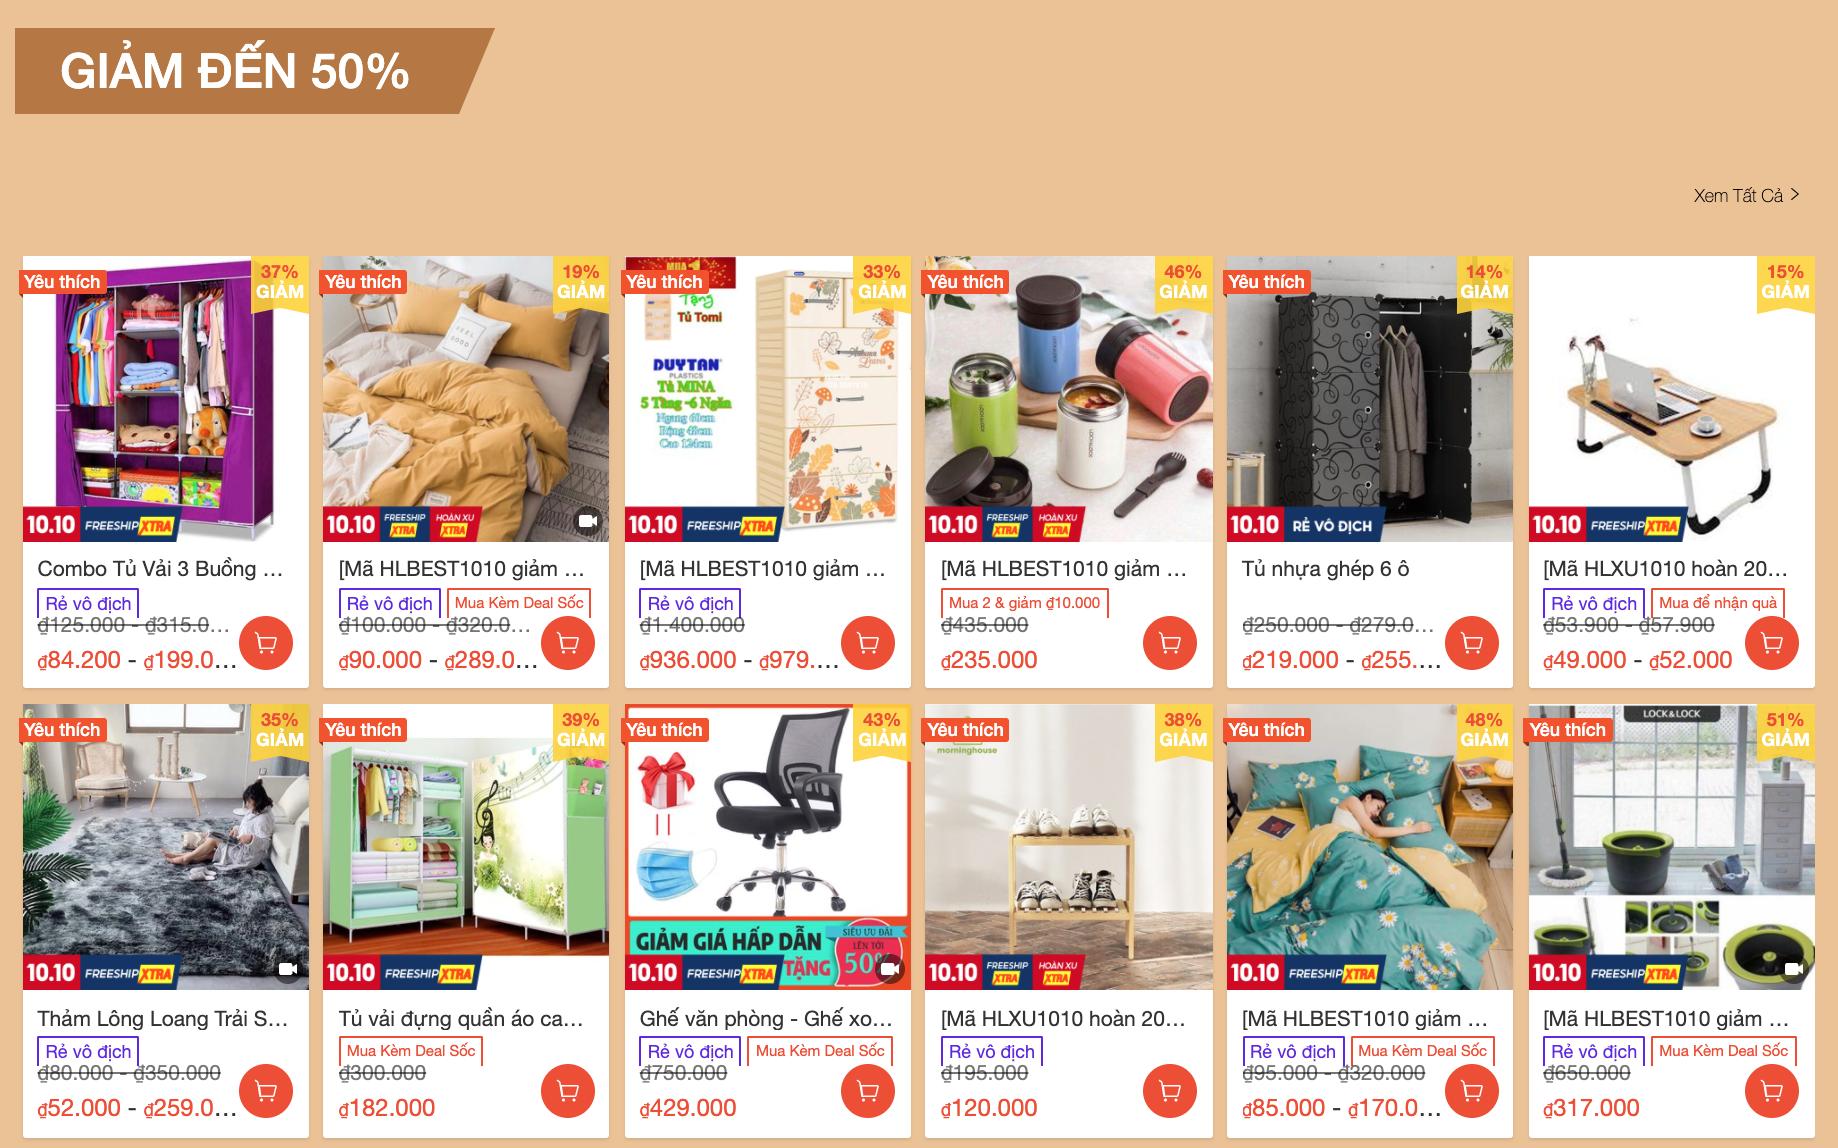 Mua đồ nội thất decor giảm giá trên Shopee 10.10 2